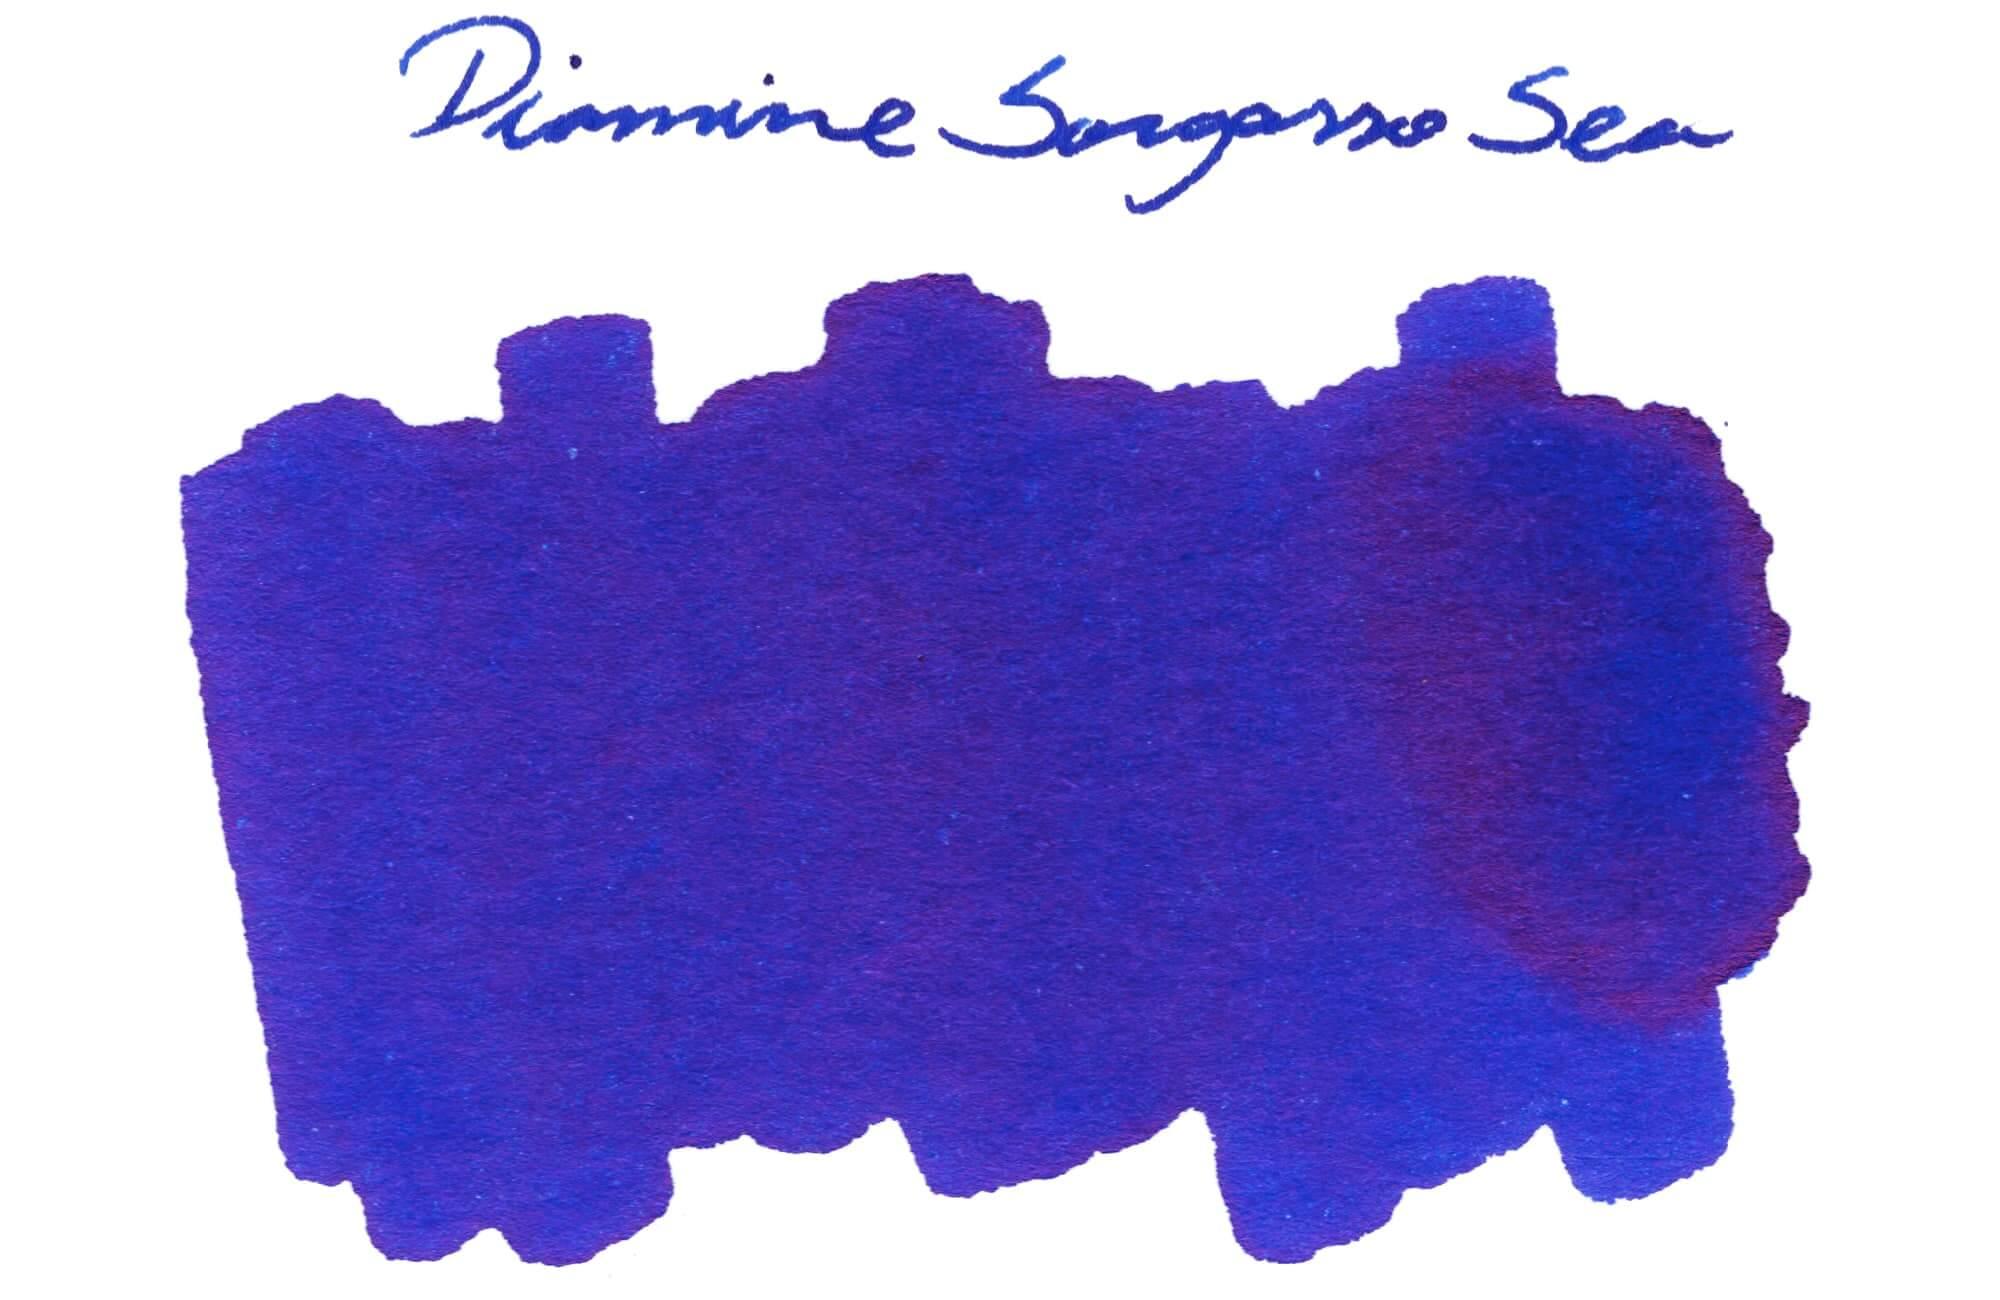 Diamine Sargasso Sea